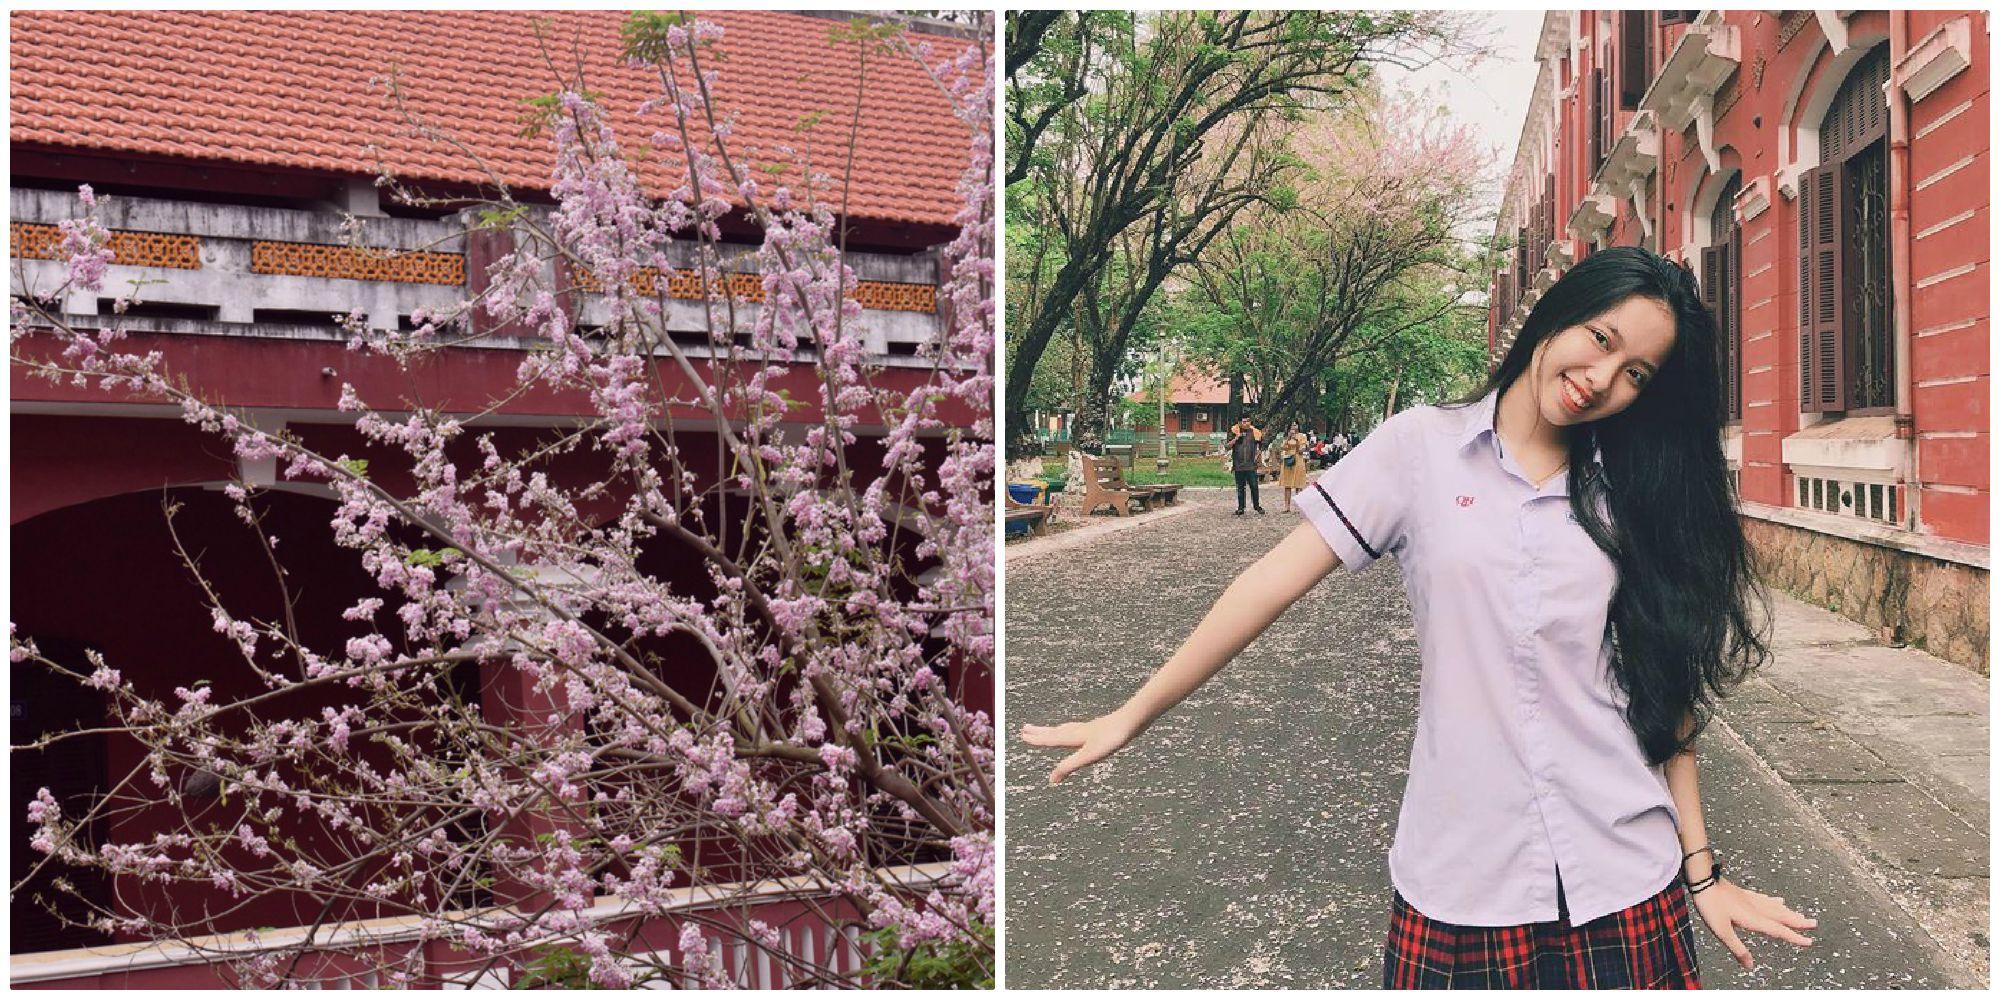 Ghé xứ Huế mộng mơ tháng 3 này để đắm mình vào sắc điệp anh đào đẹp tựa Nhật Bản